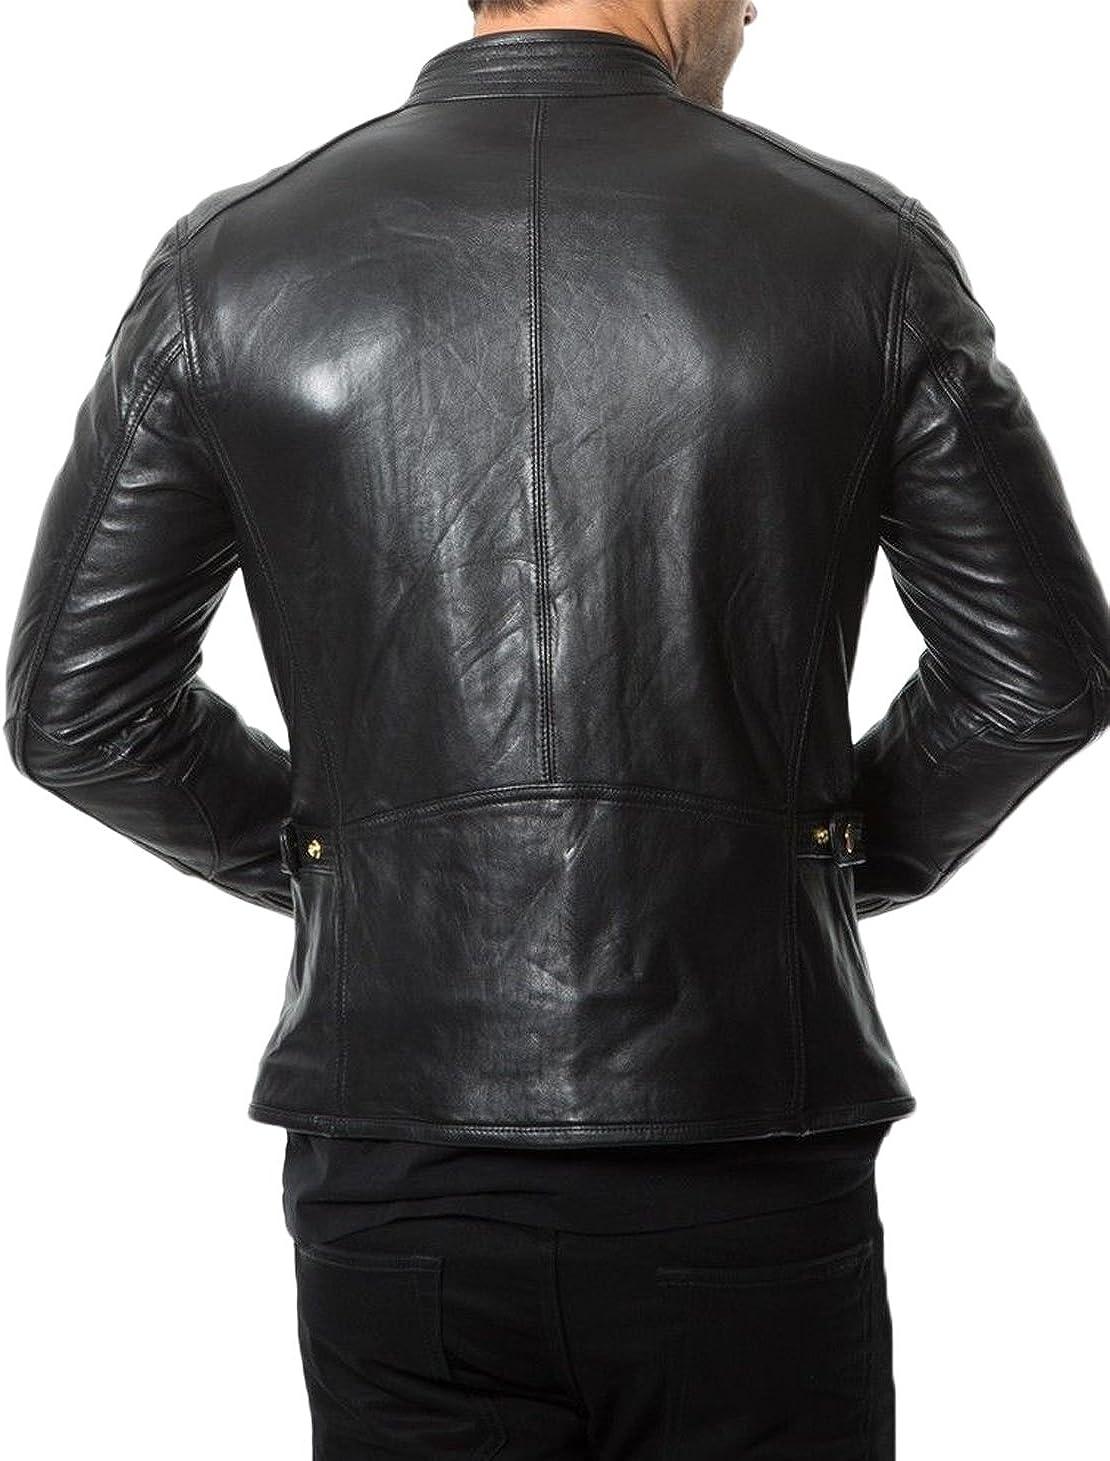 Kingdom Leather Men Slim Fit Biker Motorcycle Lambskin Leather Jacket Coat Outwear Jackets X1231